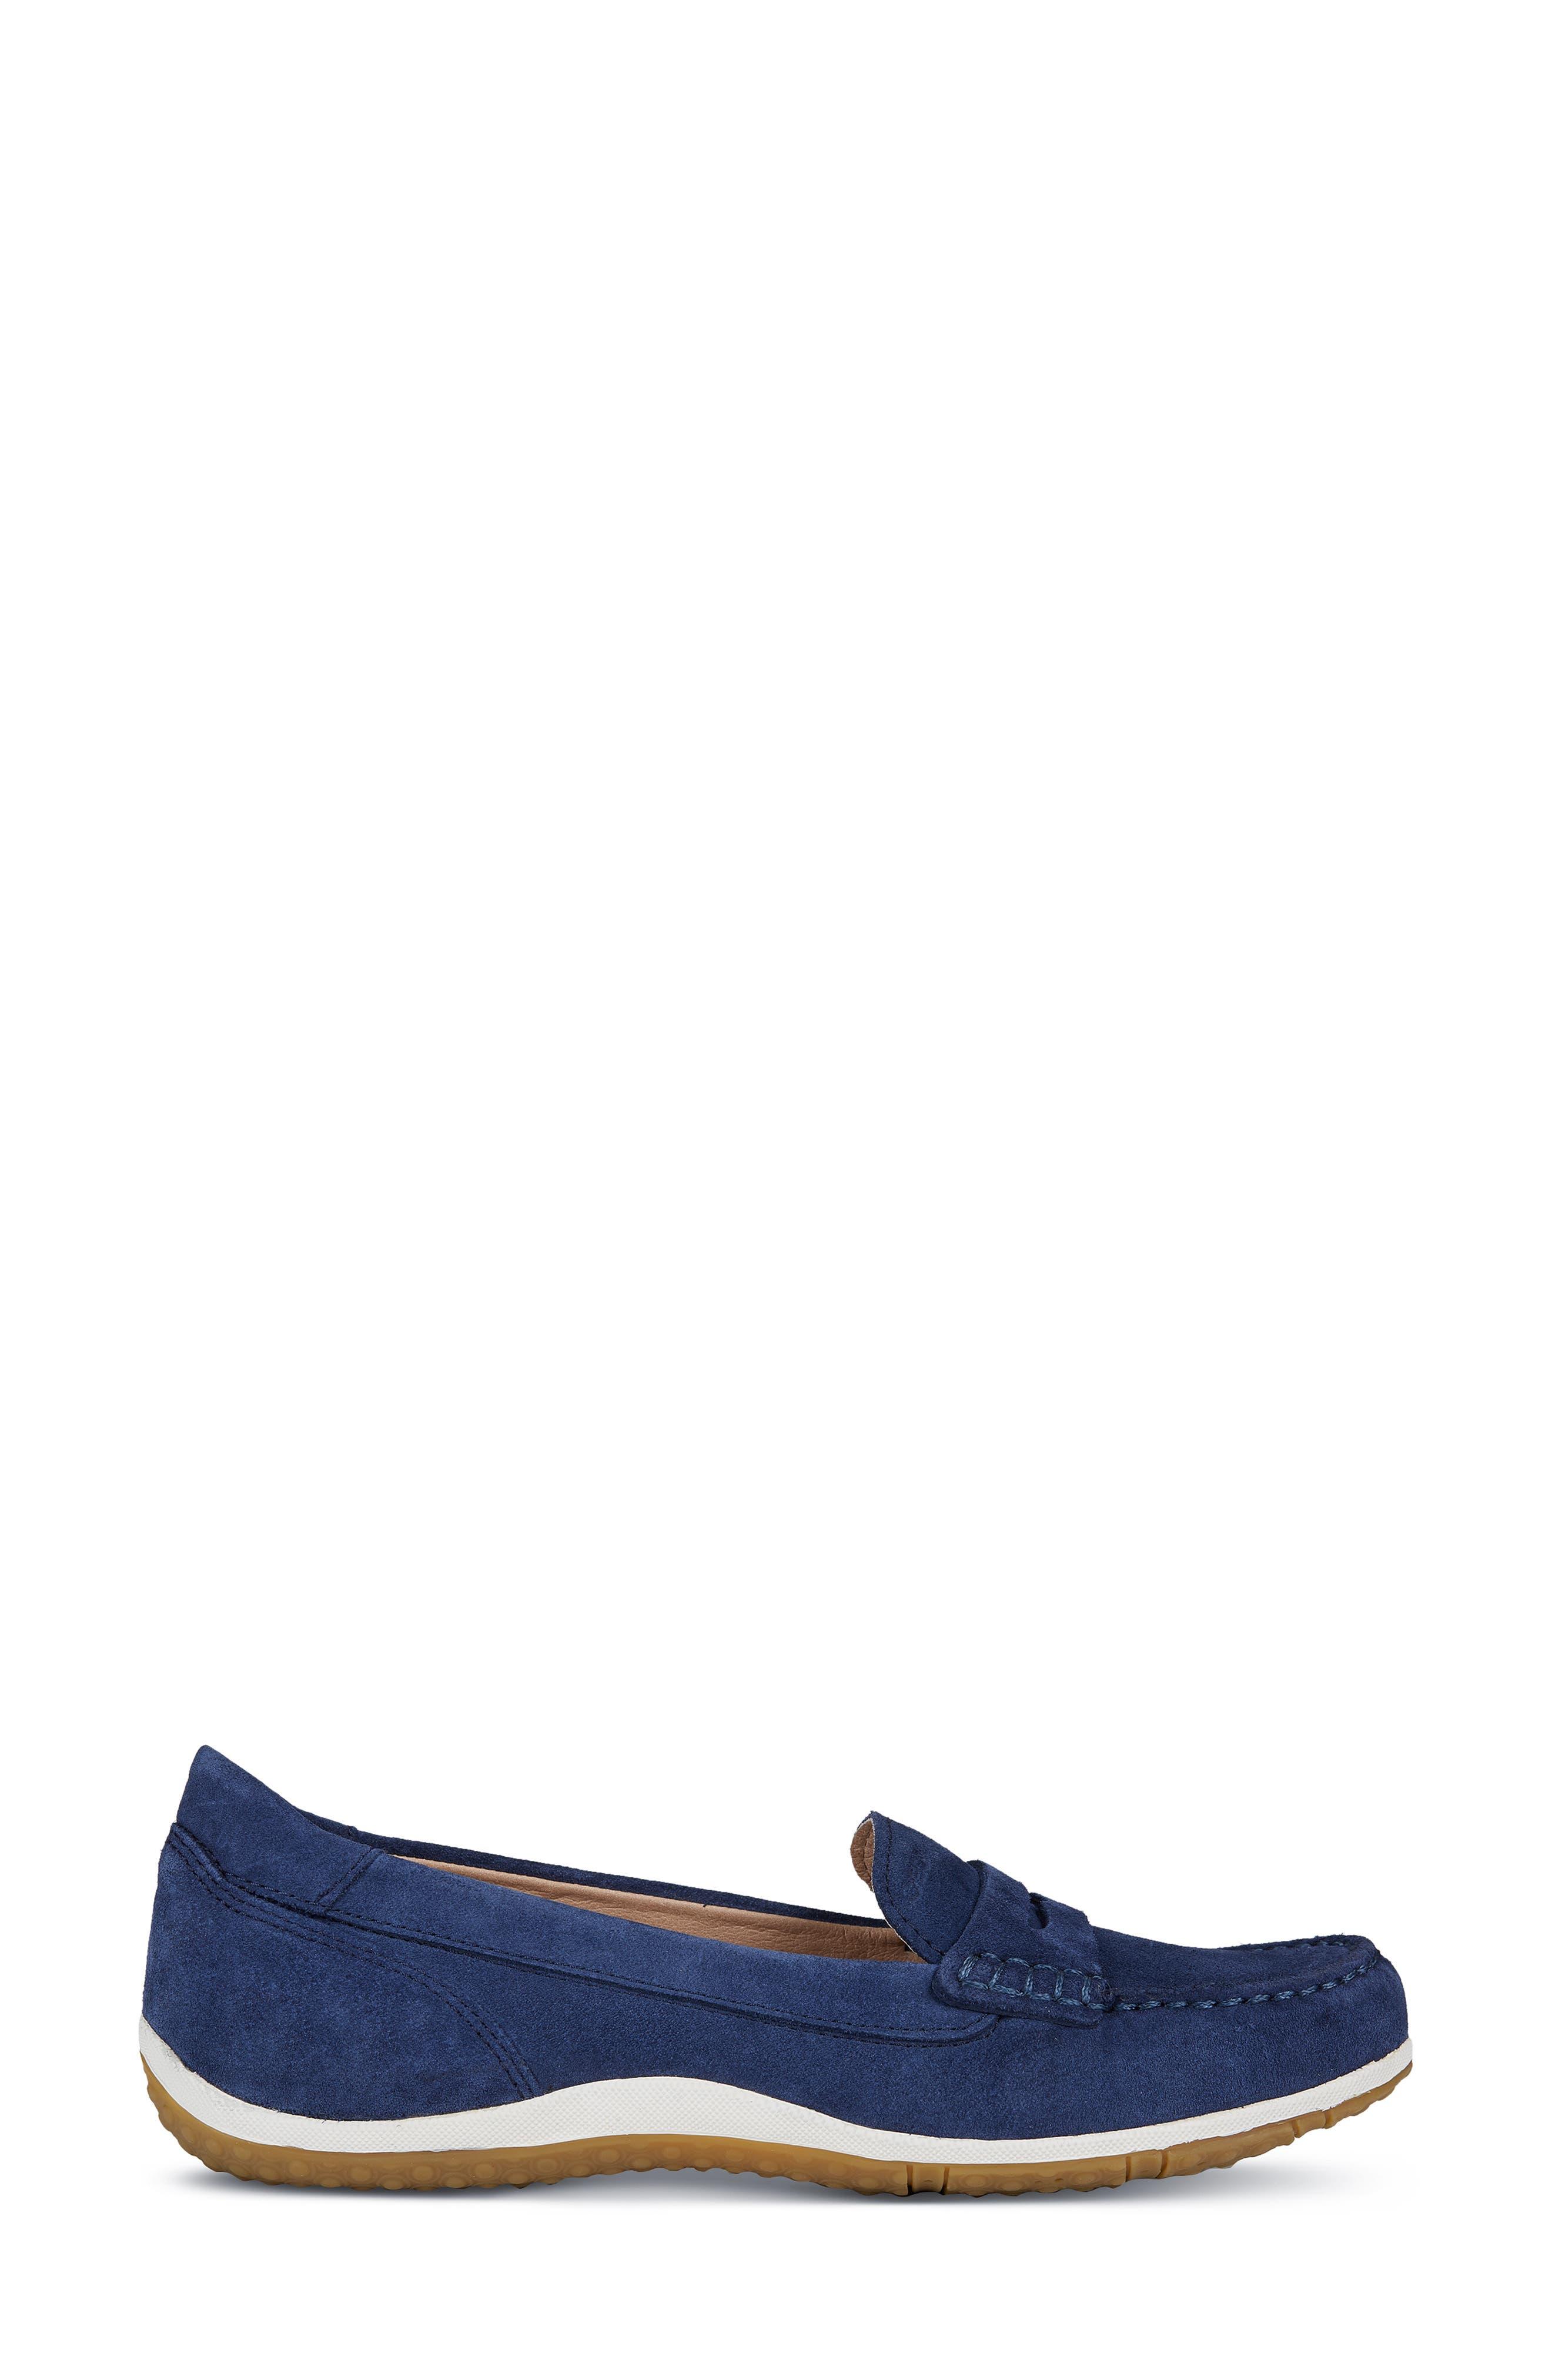 GEOX, Vega Moc Loafer, Alternate thumbnail 3, color, BLUE SUEDE